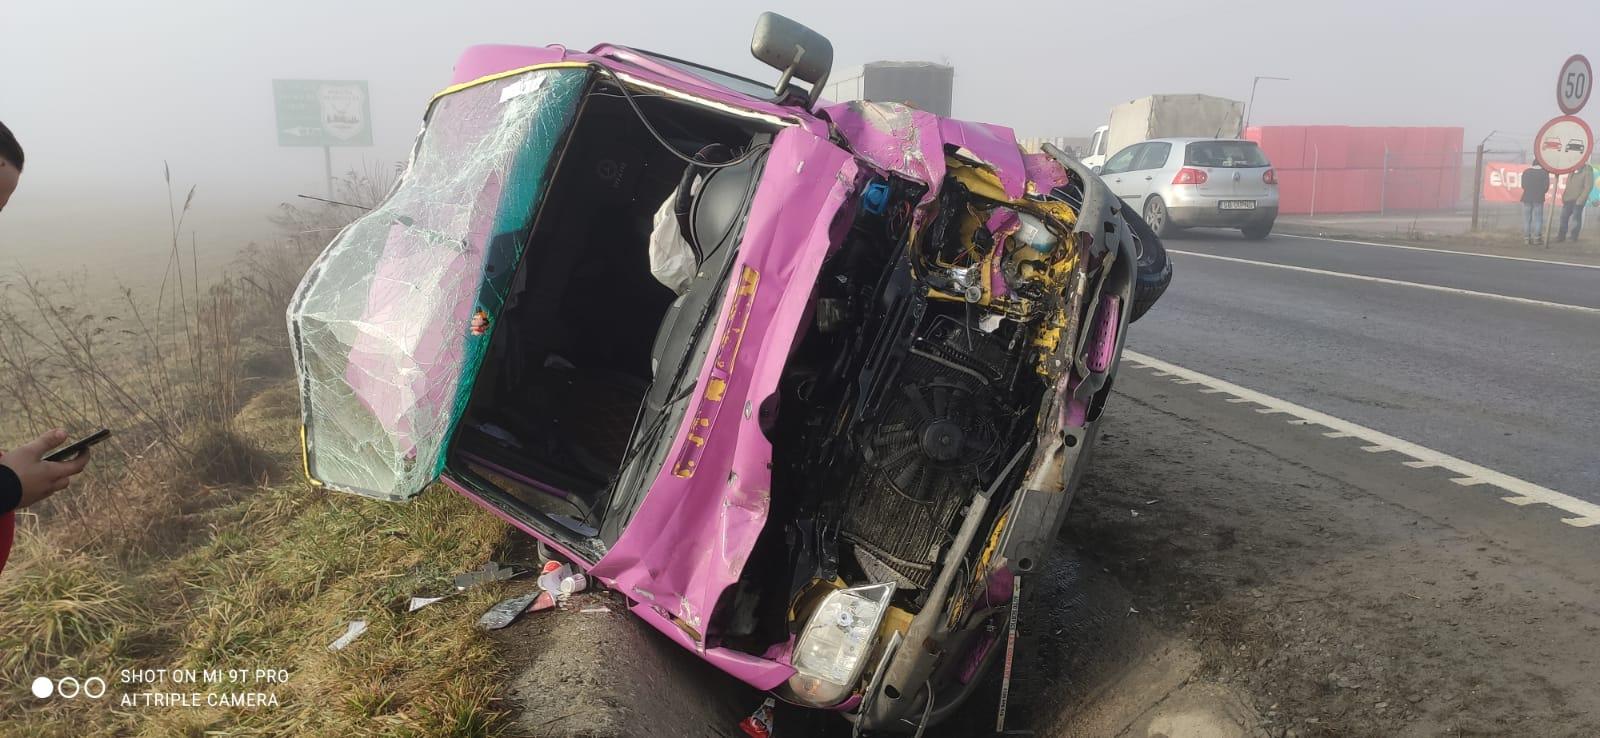 Accident cu un microbuz la ieșire din Avrig. Trei răniți, între care și o femeie însărcinată